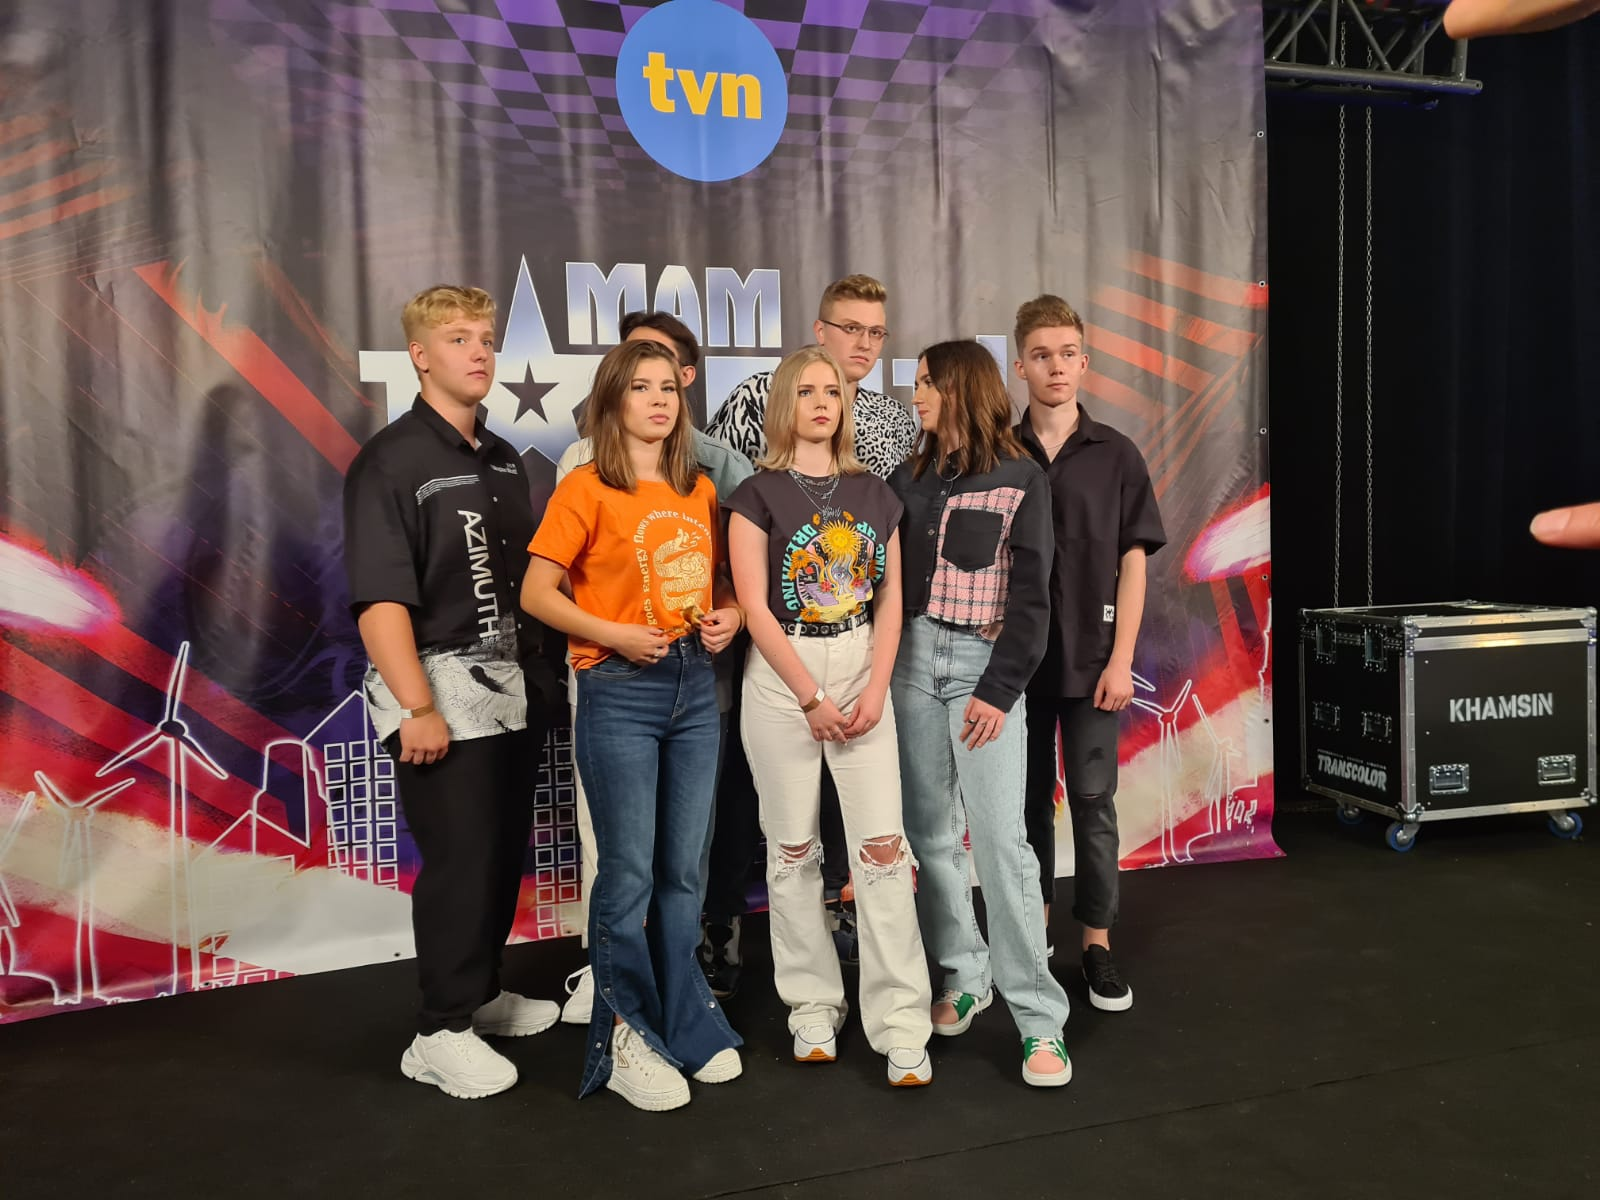 Występ naszych uczniów wmuzycznym talent show TVN-u